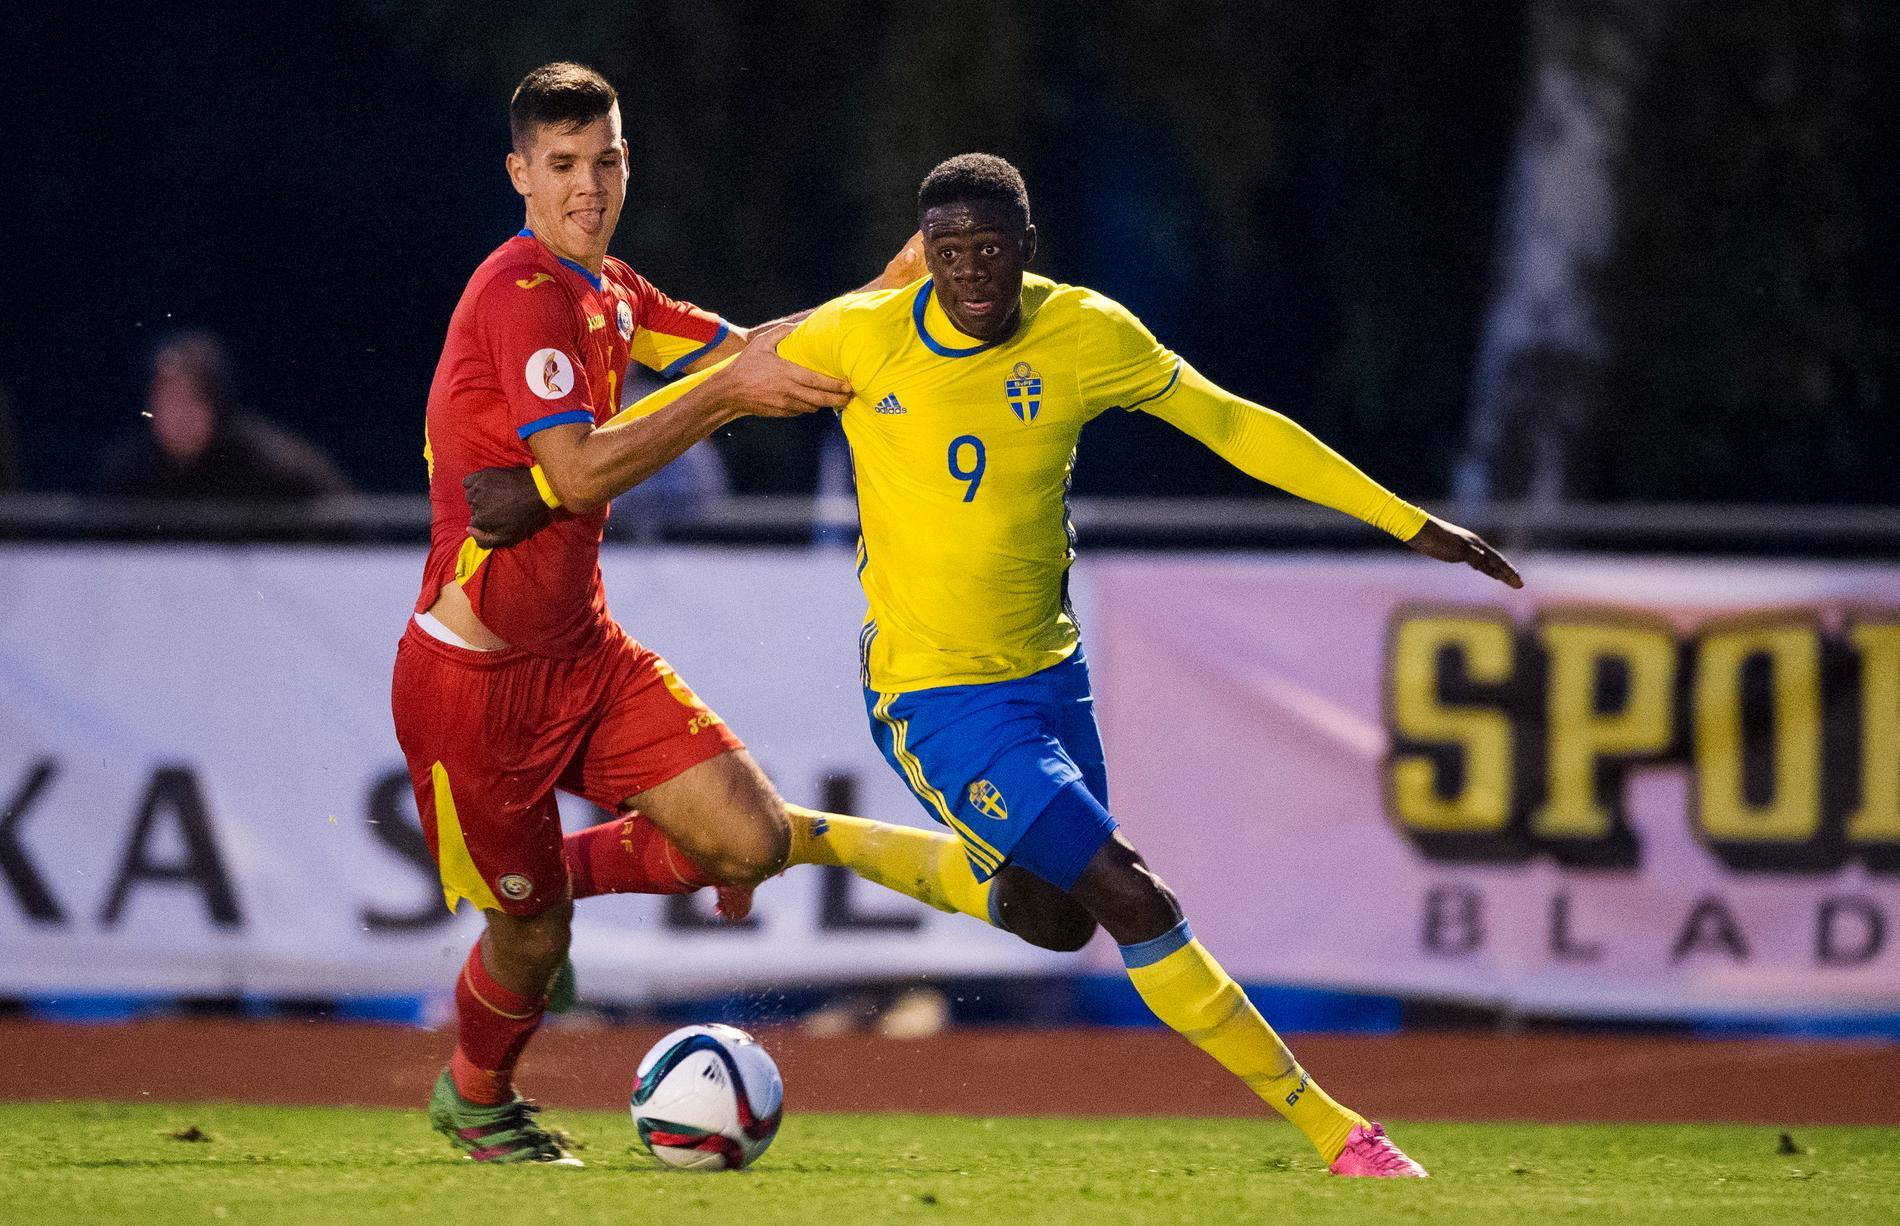 Mumbongo i matchen mot Rumänien i U17-landslaget 2016.